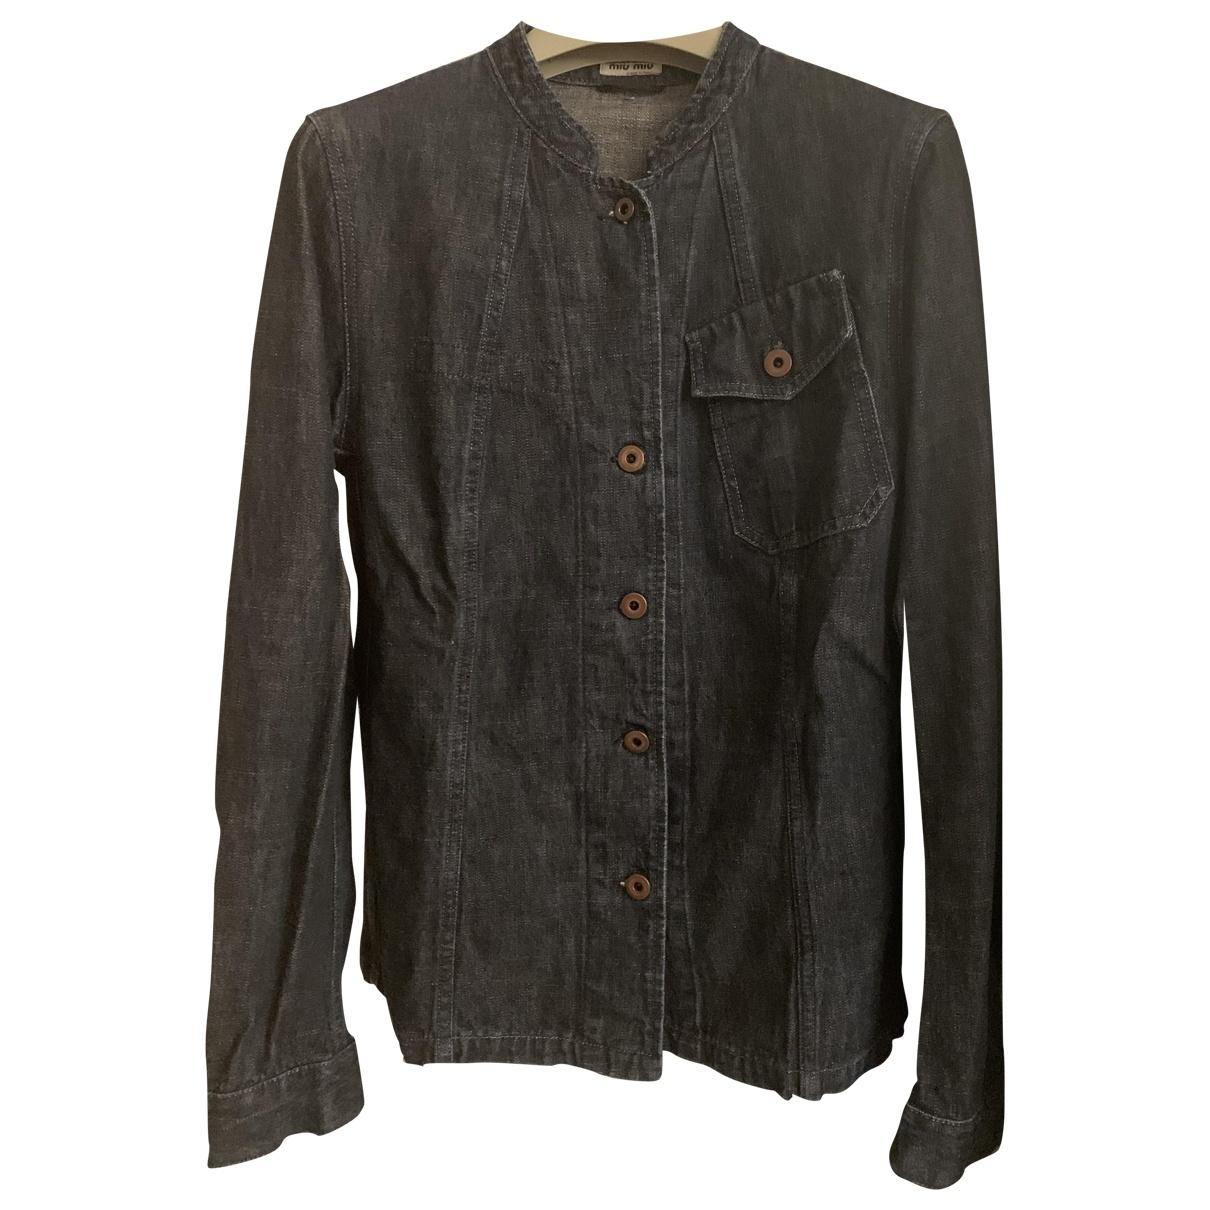 Miu Miu \N Blue Denim - Jeans jacket for Women 44 IT